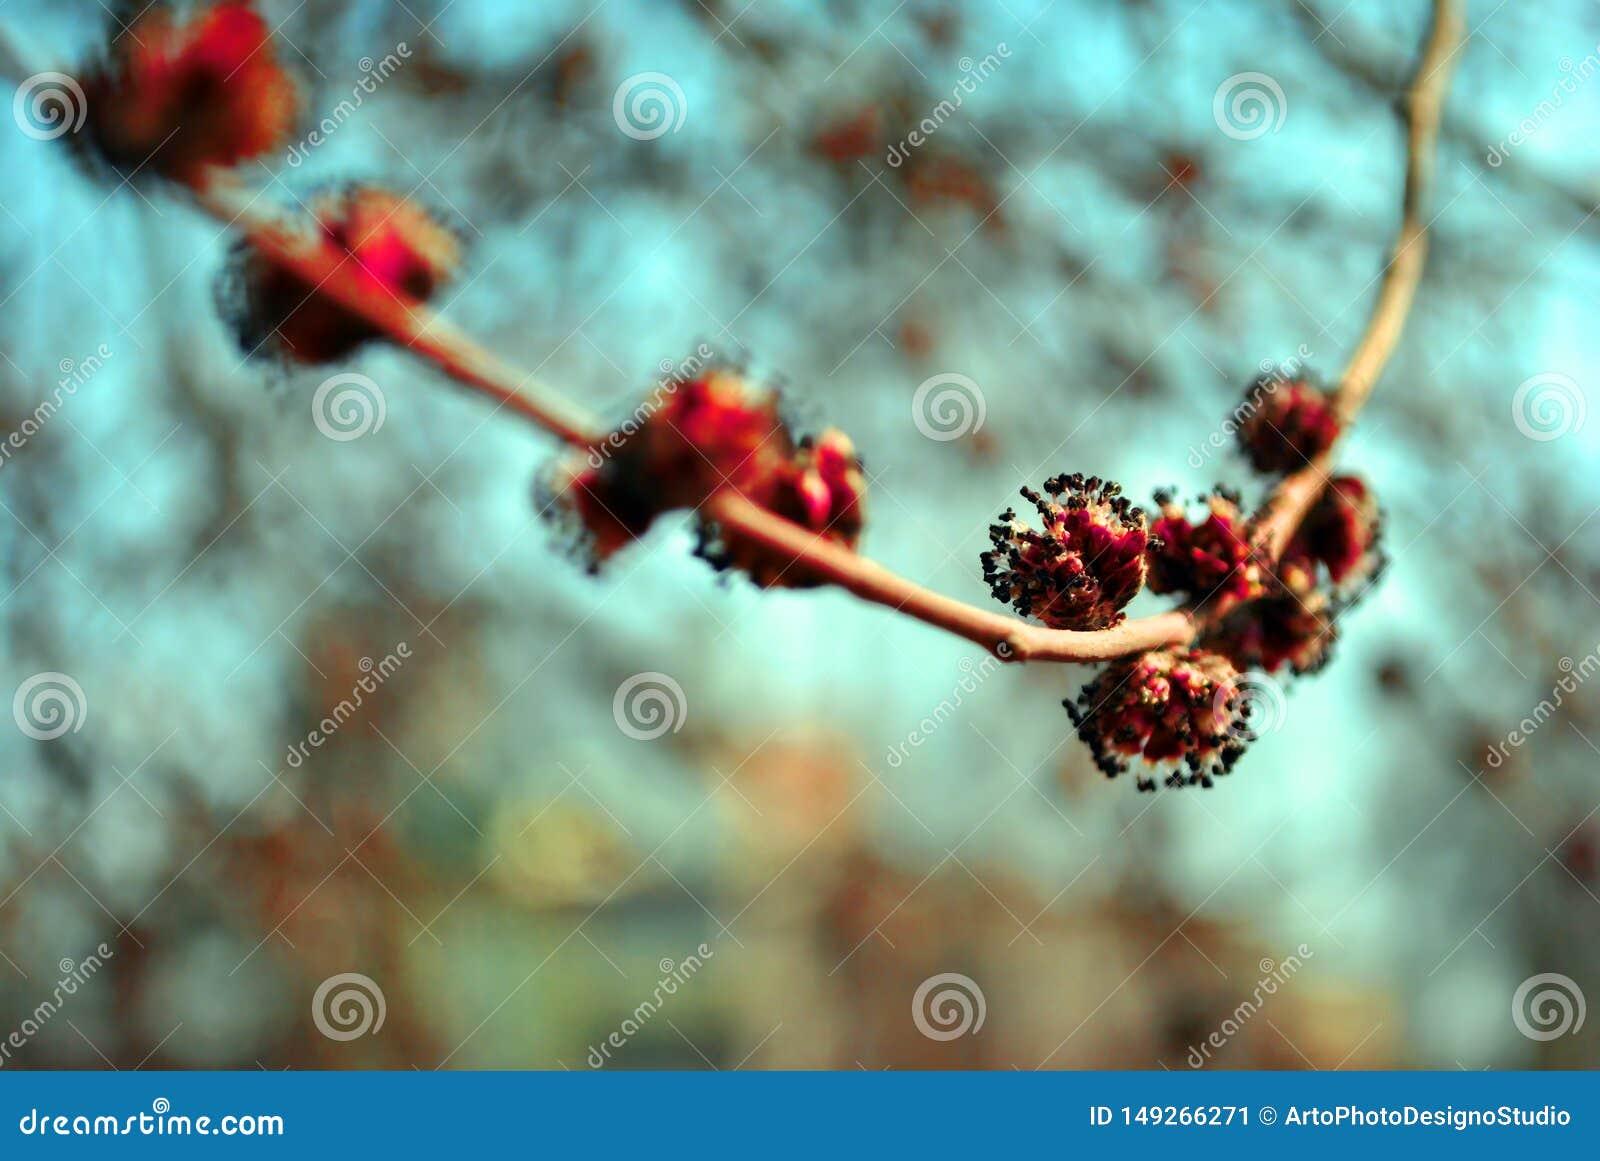 För blommaAcer för röd lönn filial för träd rubrum med rosa blommor för ny vår, oskarp himmelbokehbakgrund